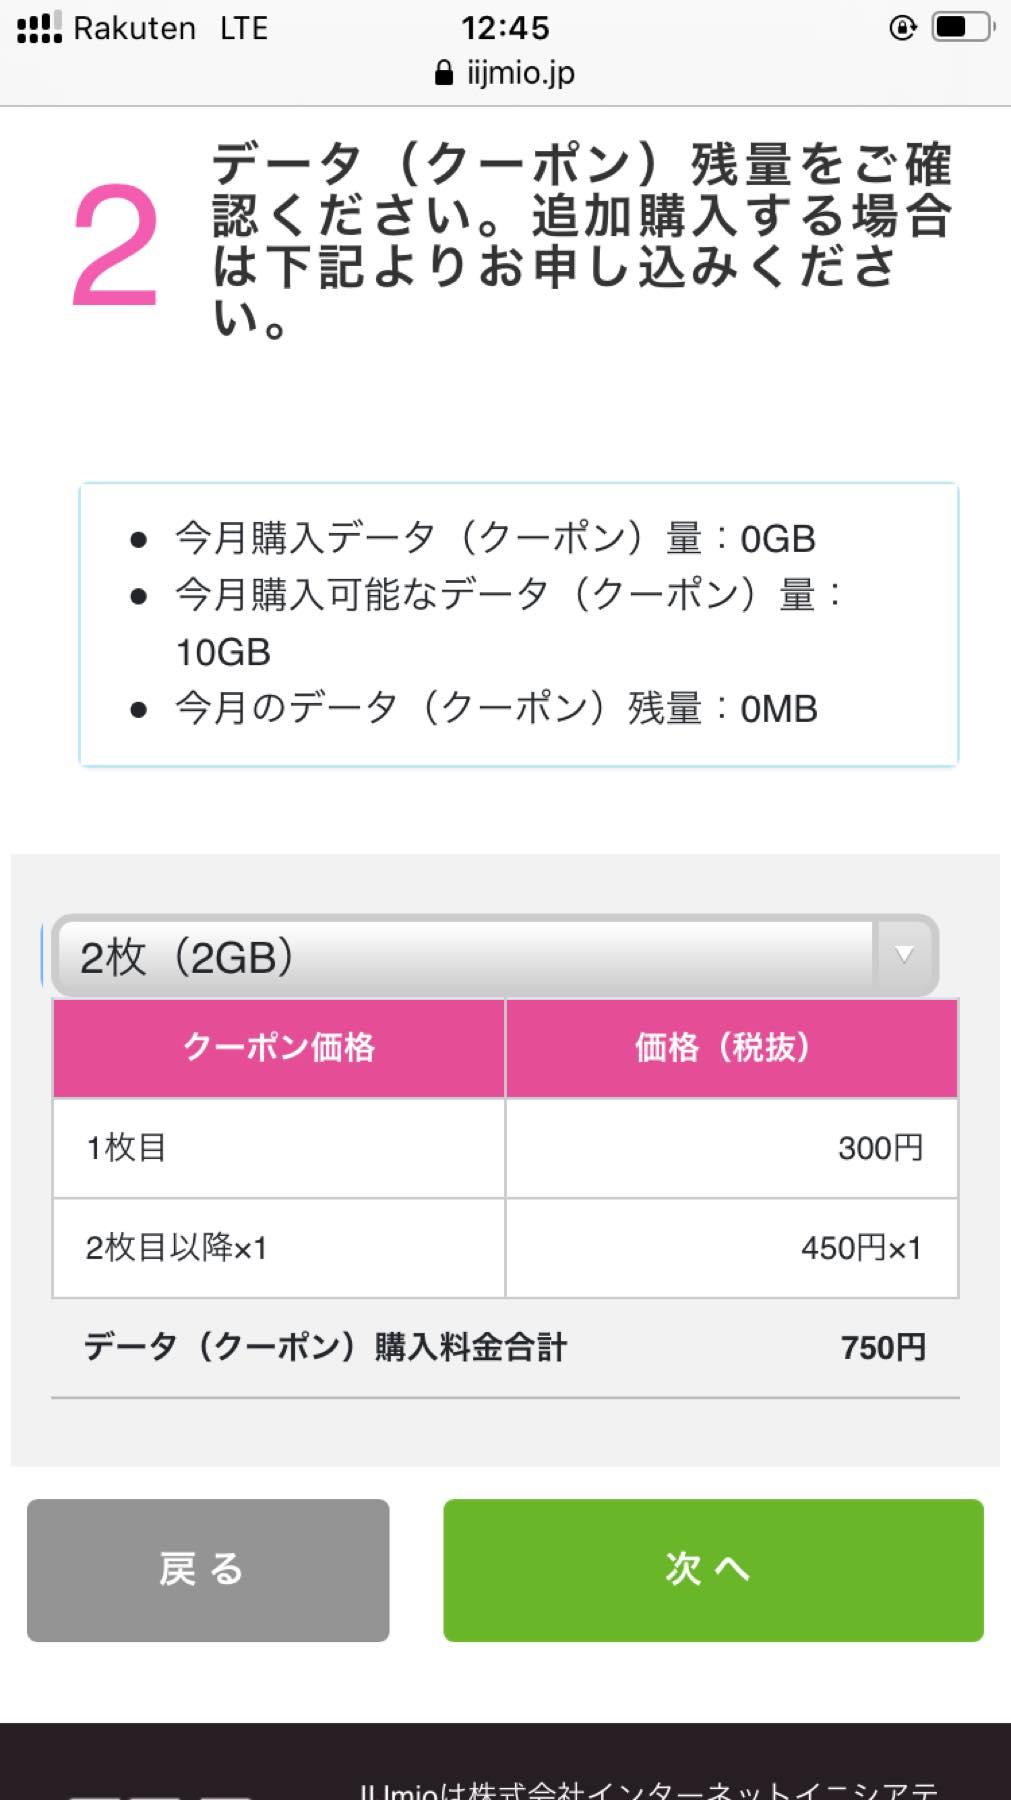 使う時だけ1GBの容量を追加購入するスタイルです